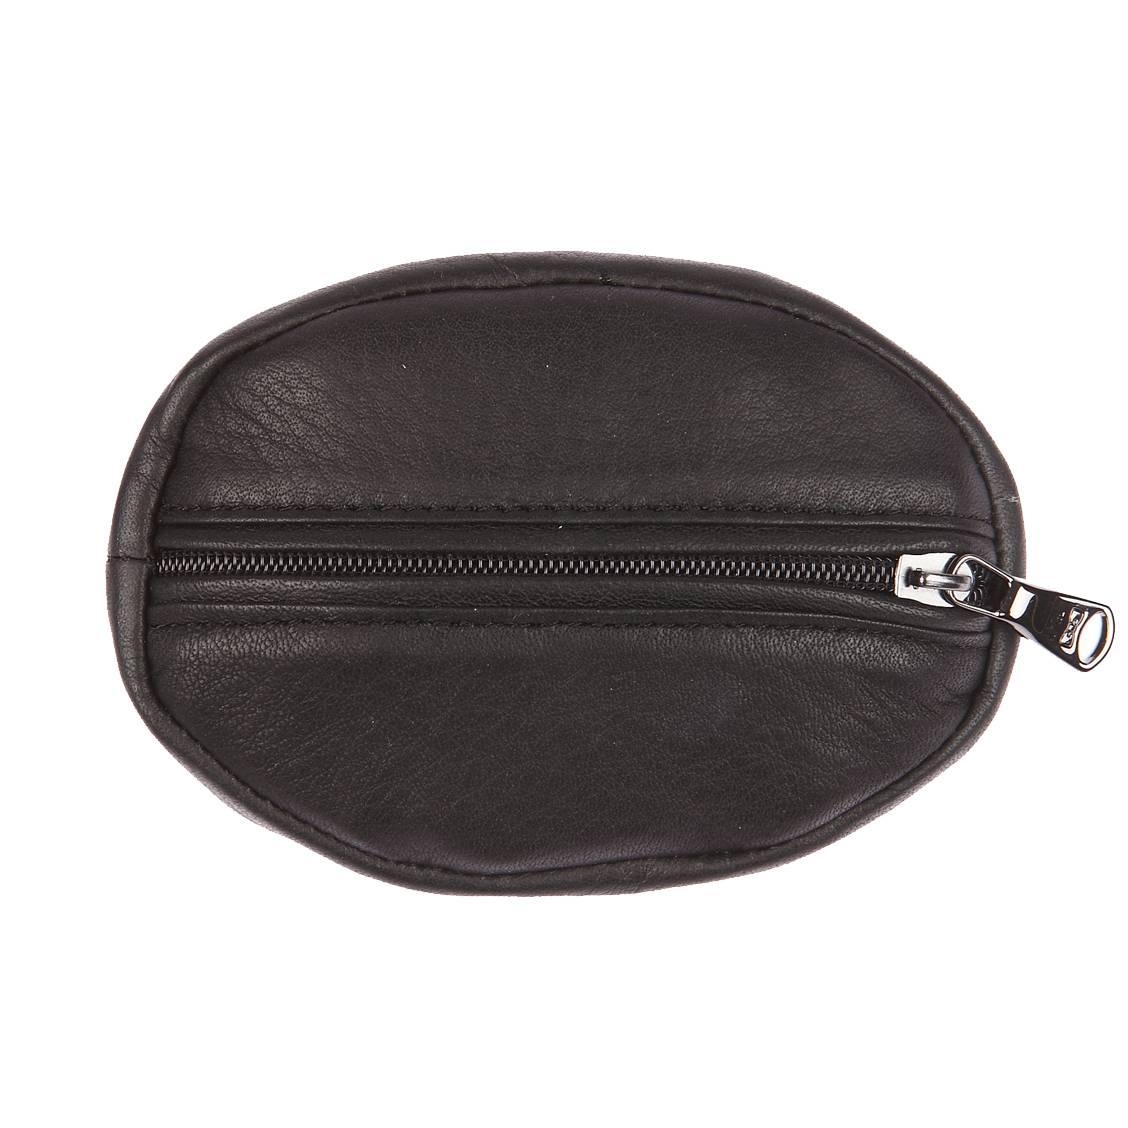 Porte monnaie ovale  en cuir de vachette noir